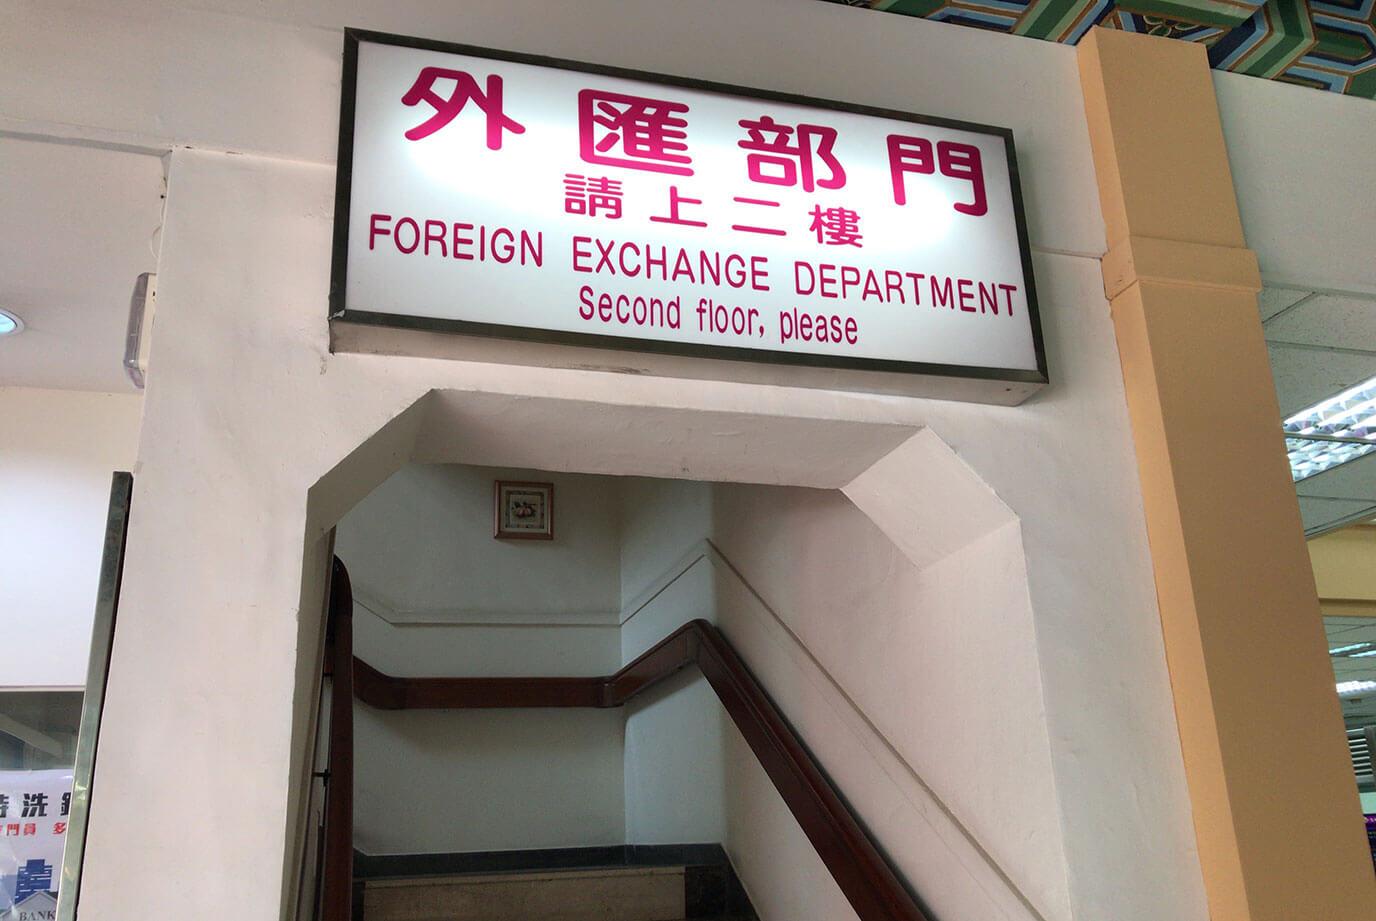 まずは銀行に入って手続きをできる場所を探します。